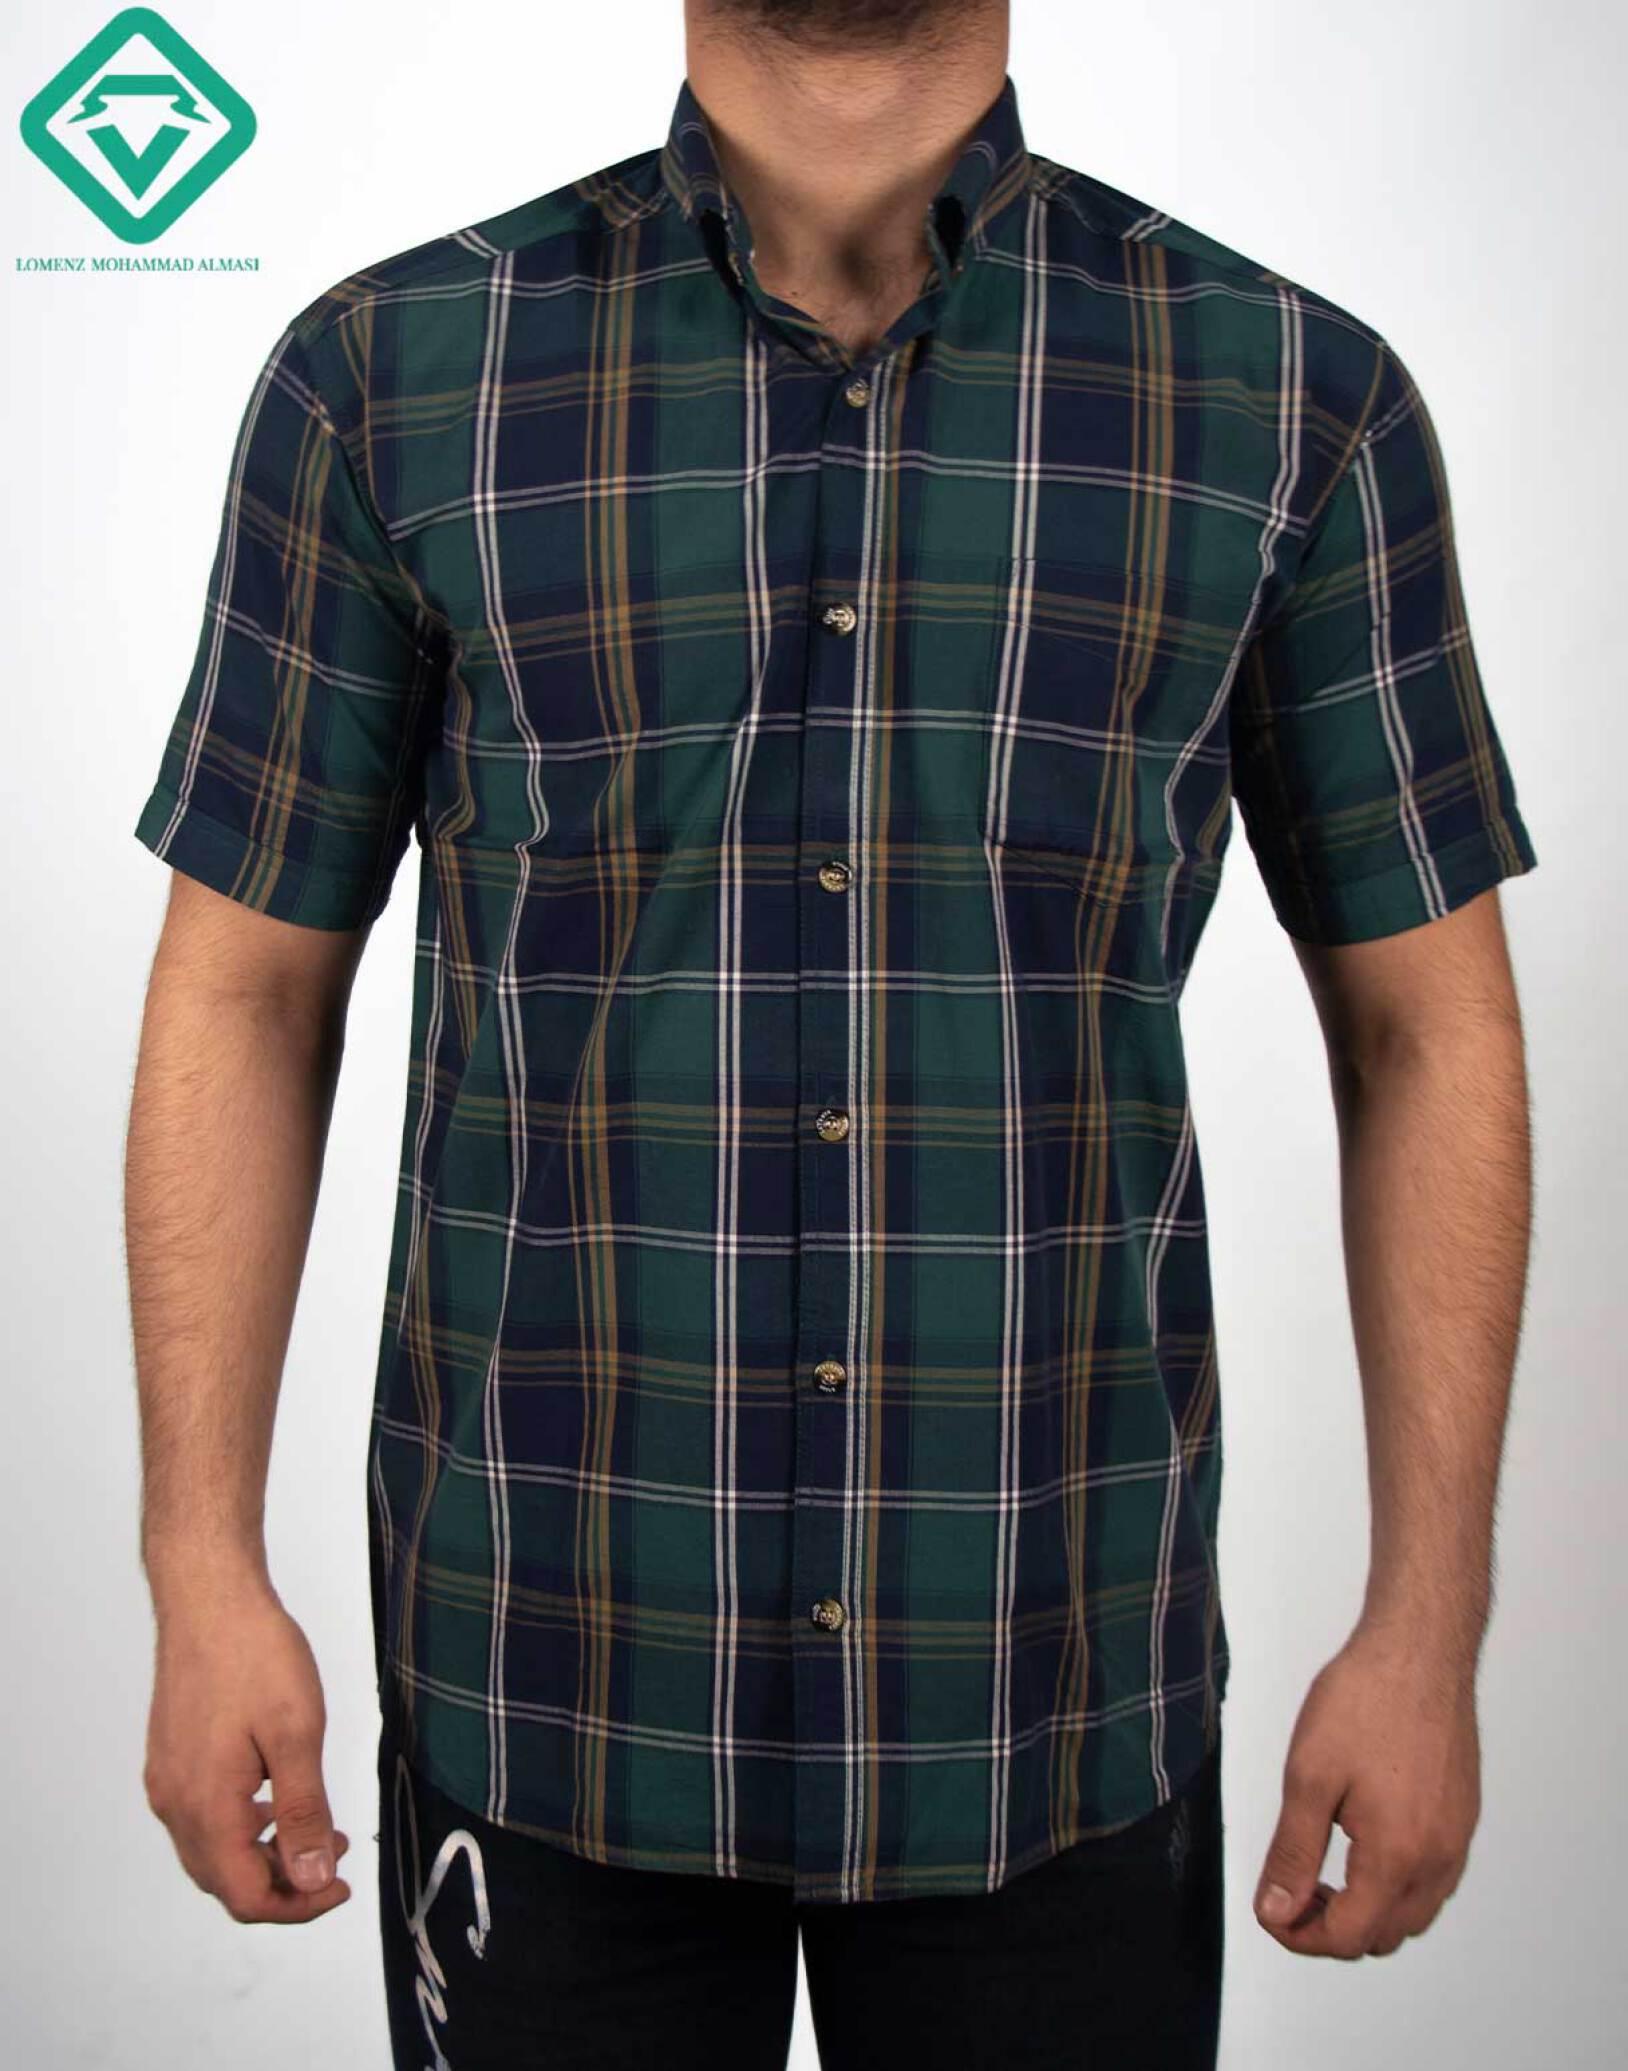 پیراهن اسپرت چهارخونه کد 018 تولید شده توسط سایت لومنز